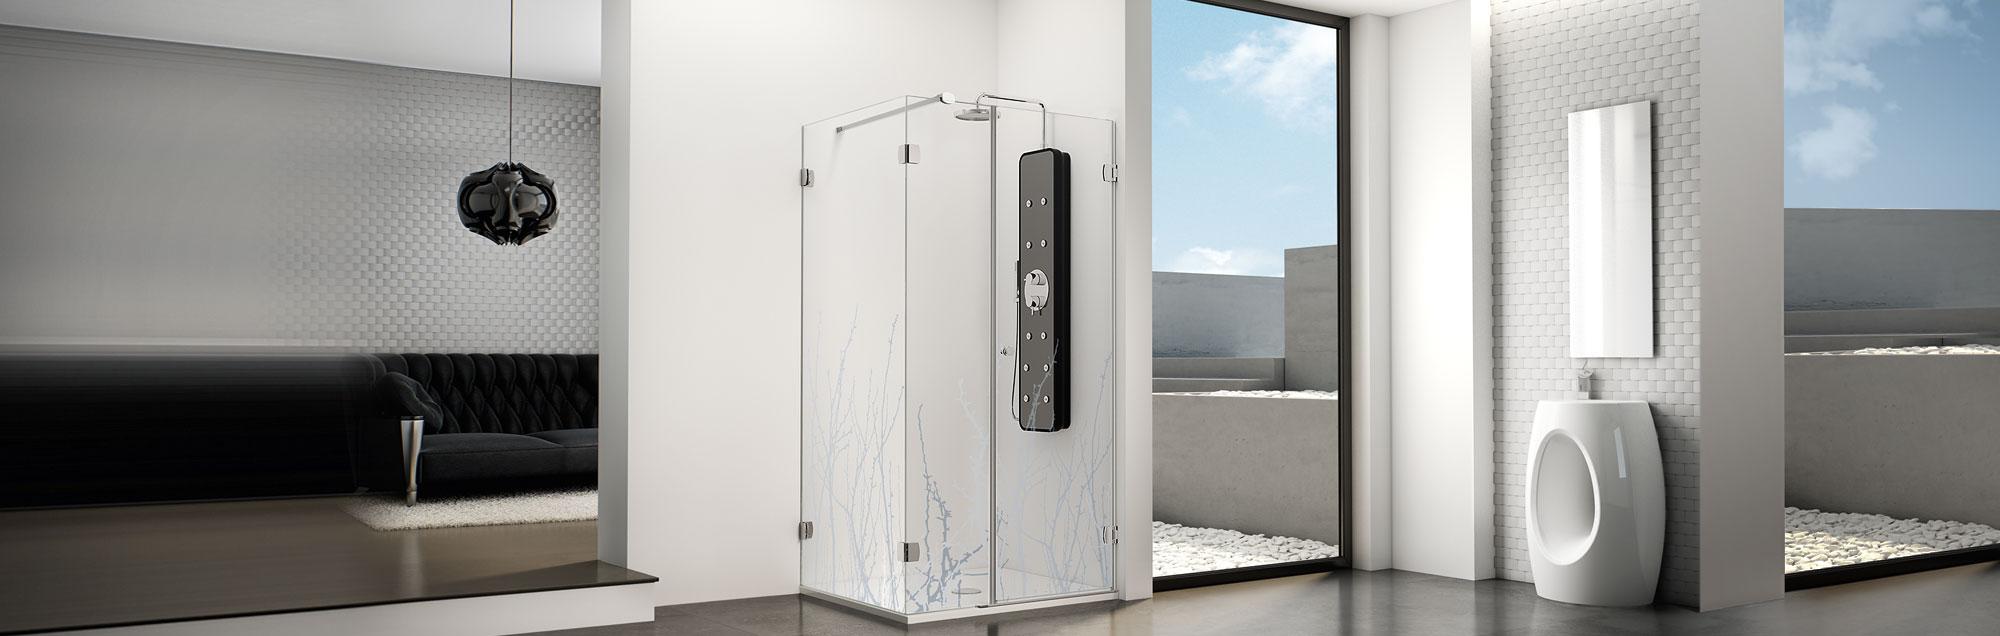 PROFILTEK Duschabtrennungen nach Maß mit Schwingtüren